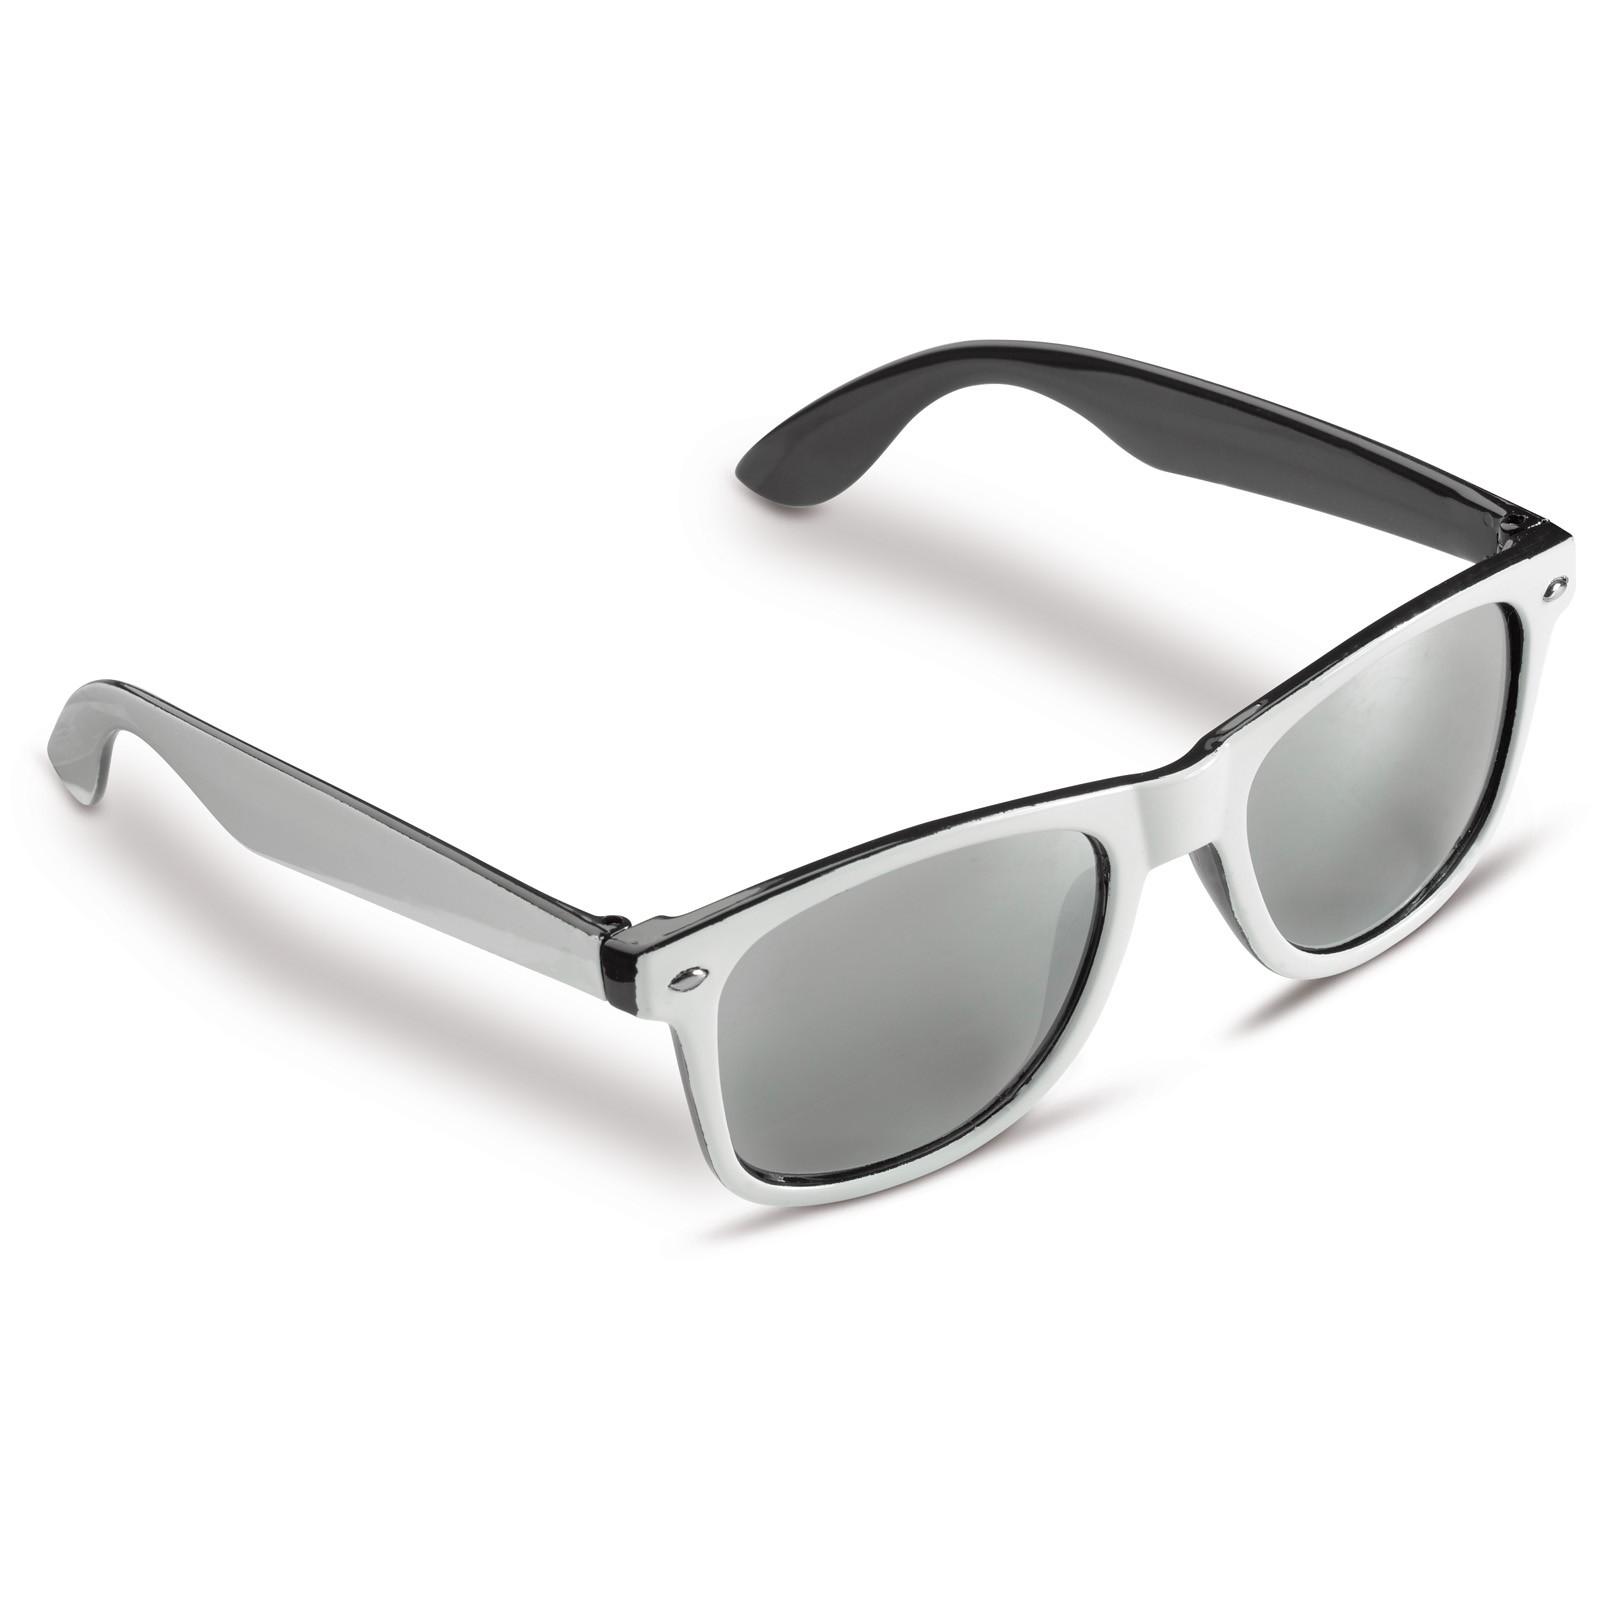 Sonnenbrille Jeffrey 400UV Weiß - Sonnenbrillen - Sommer & Strand ...